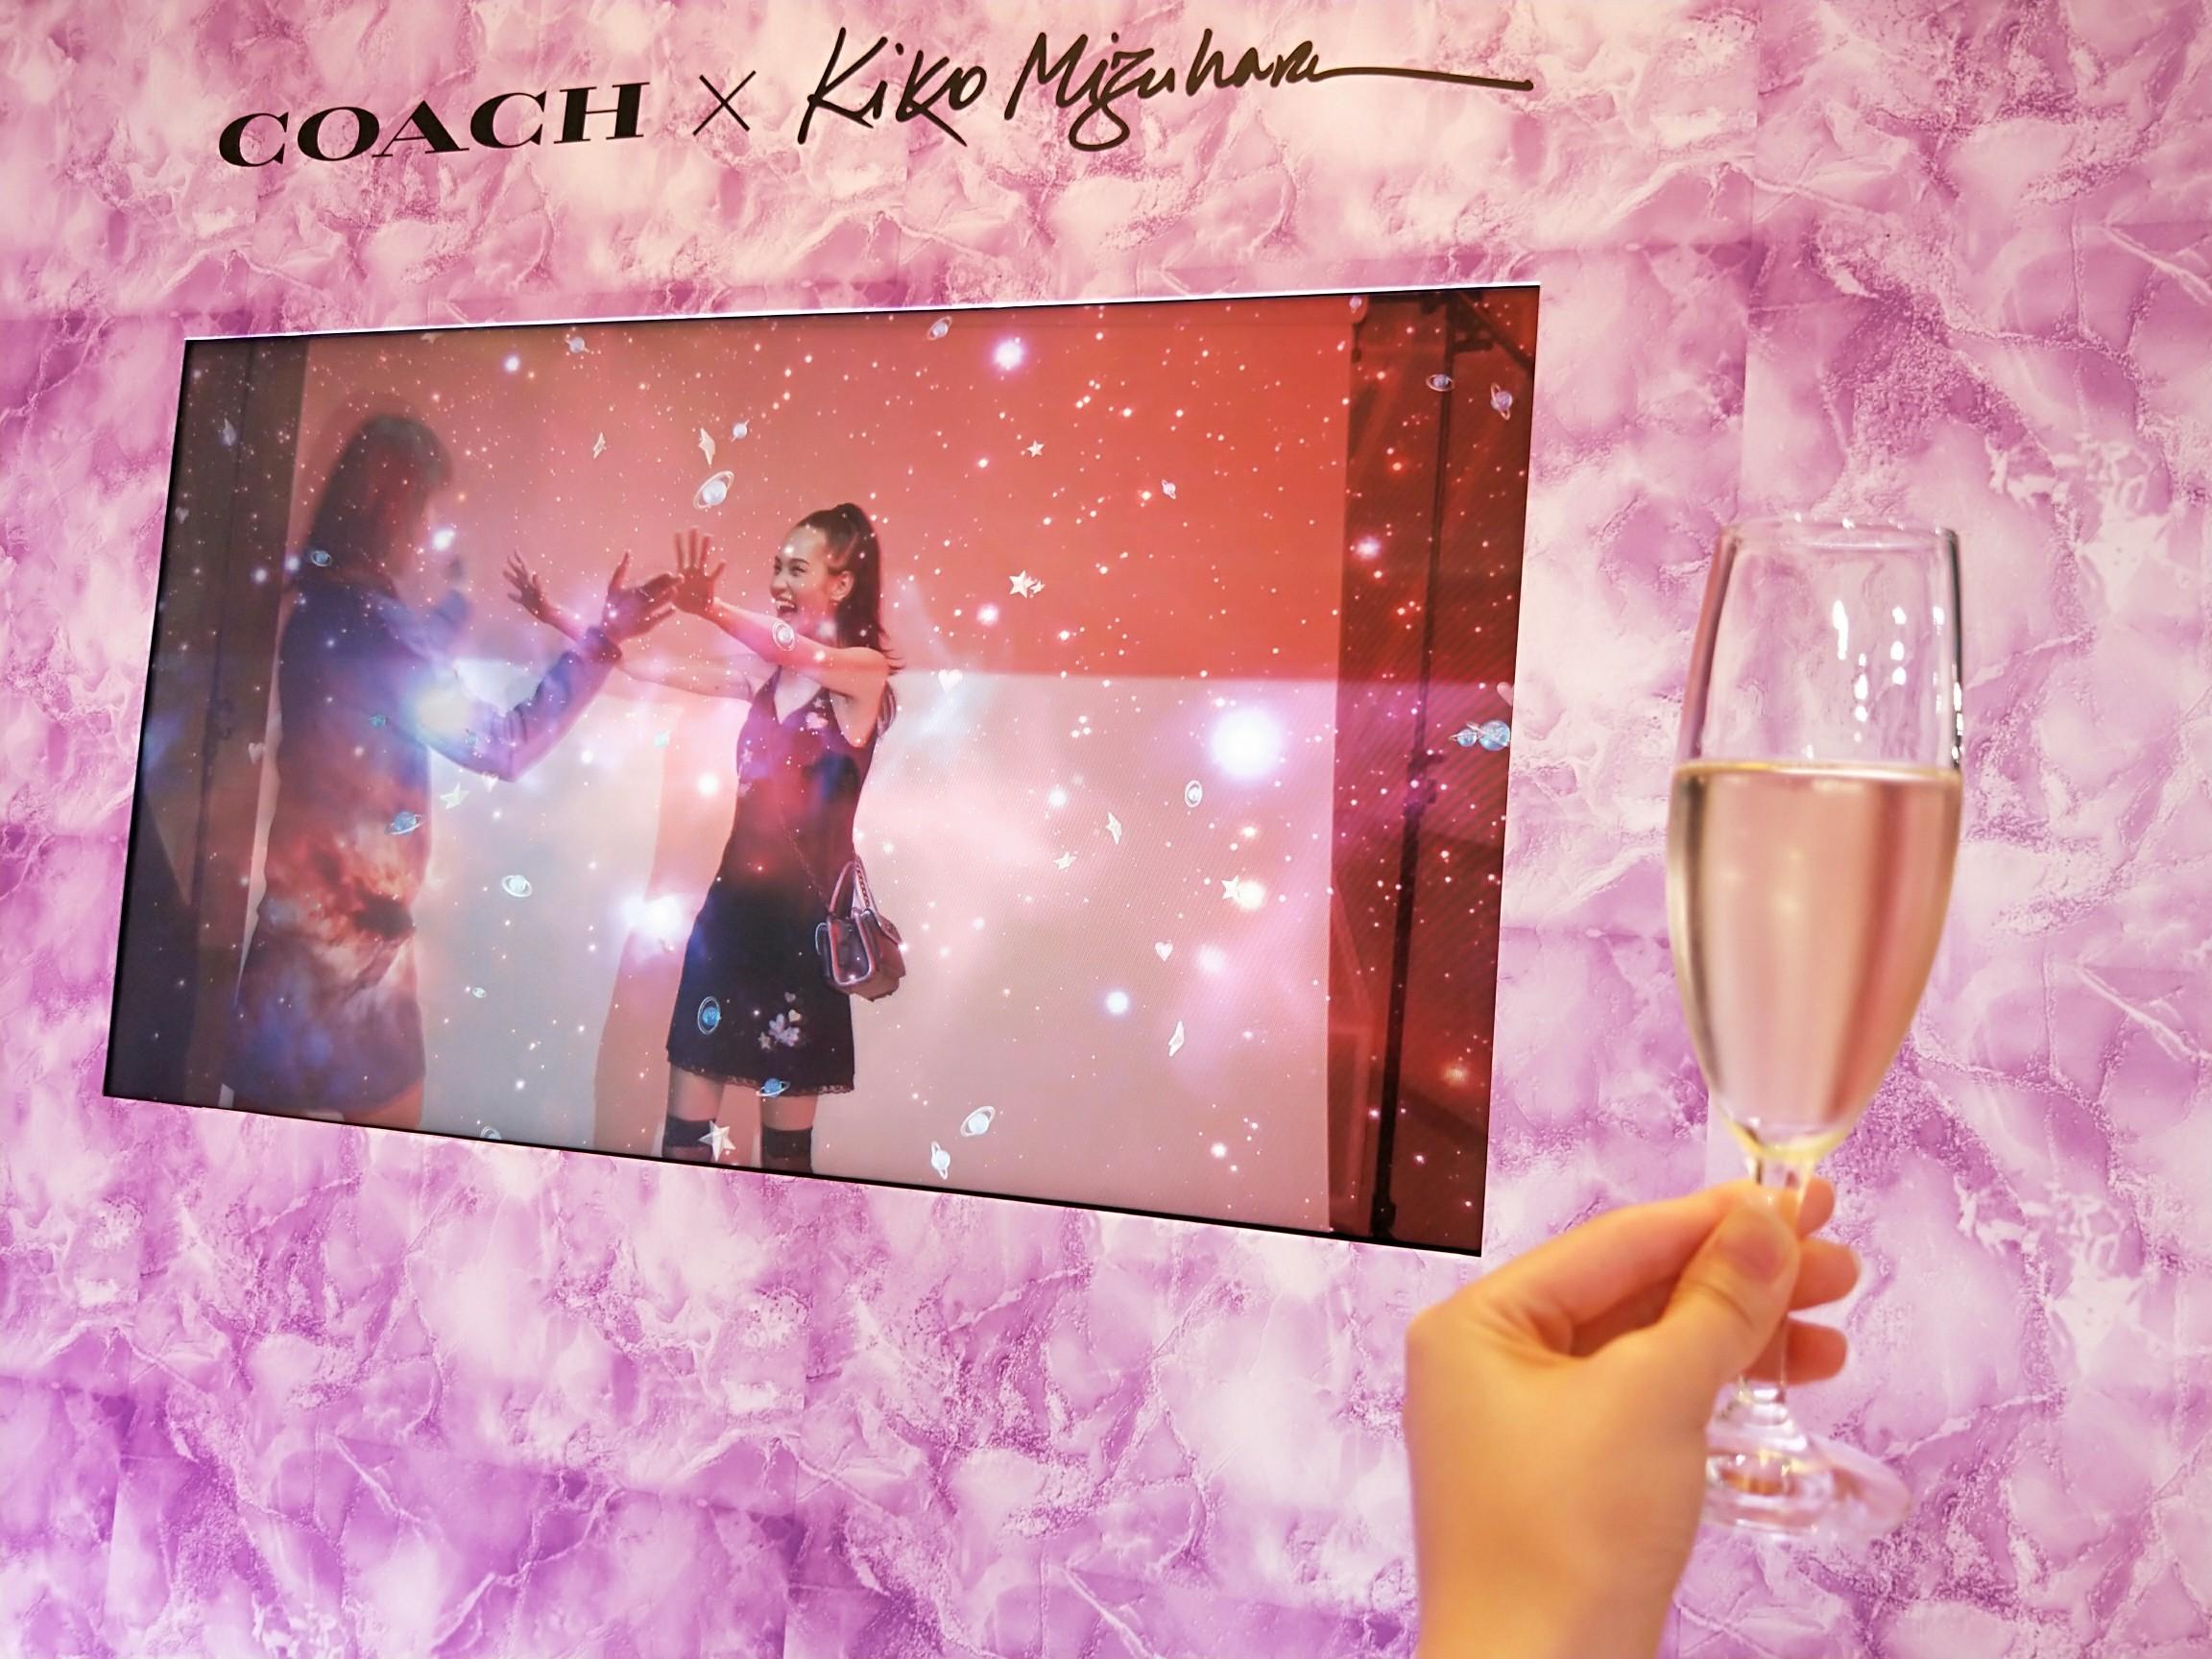 水原希子ちゃんがCoachとコラボ☆宇宙をモチーフにした新作コレクション「コーチ × キコ・ミズハラ」 #CoachxKiko _1